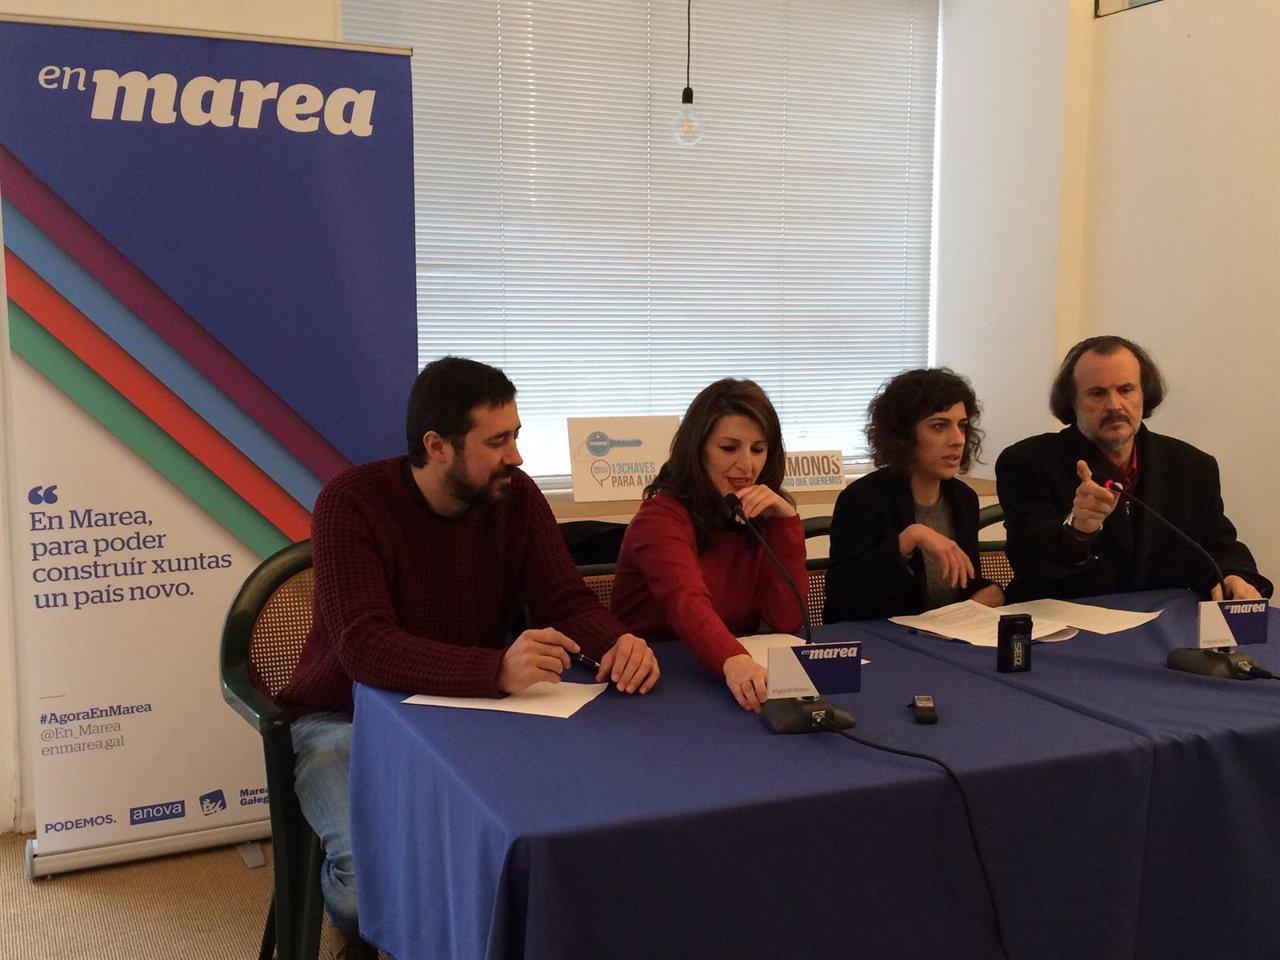 Los diputados de En Marea ofrecen una rueda de prensa en Santiago